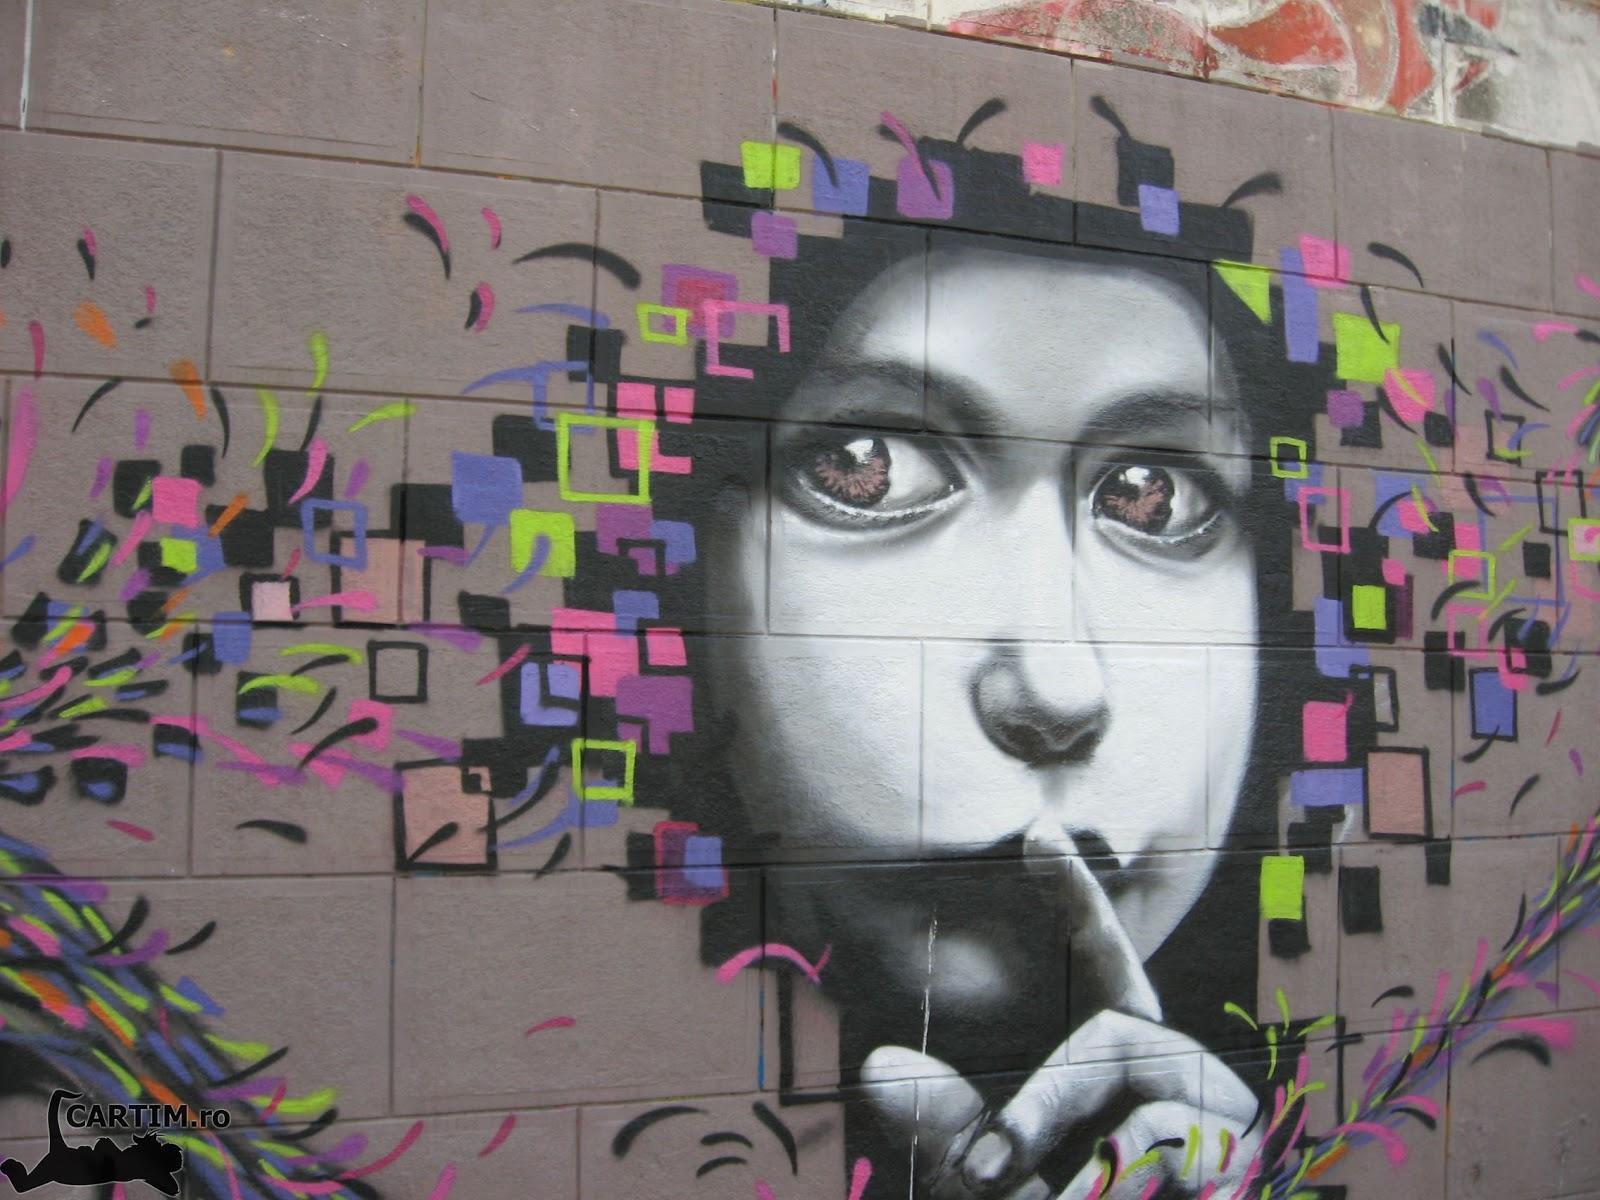 jet de apa pentru graffiti